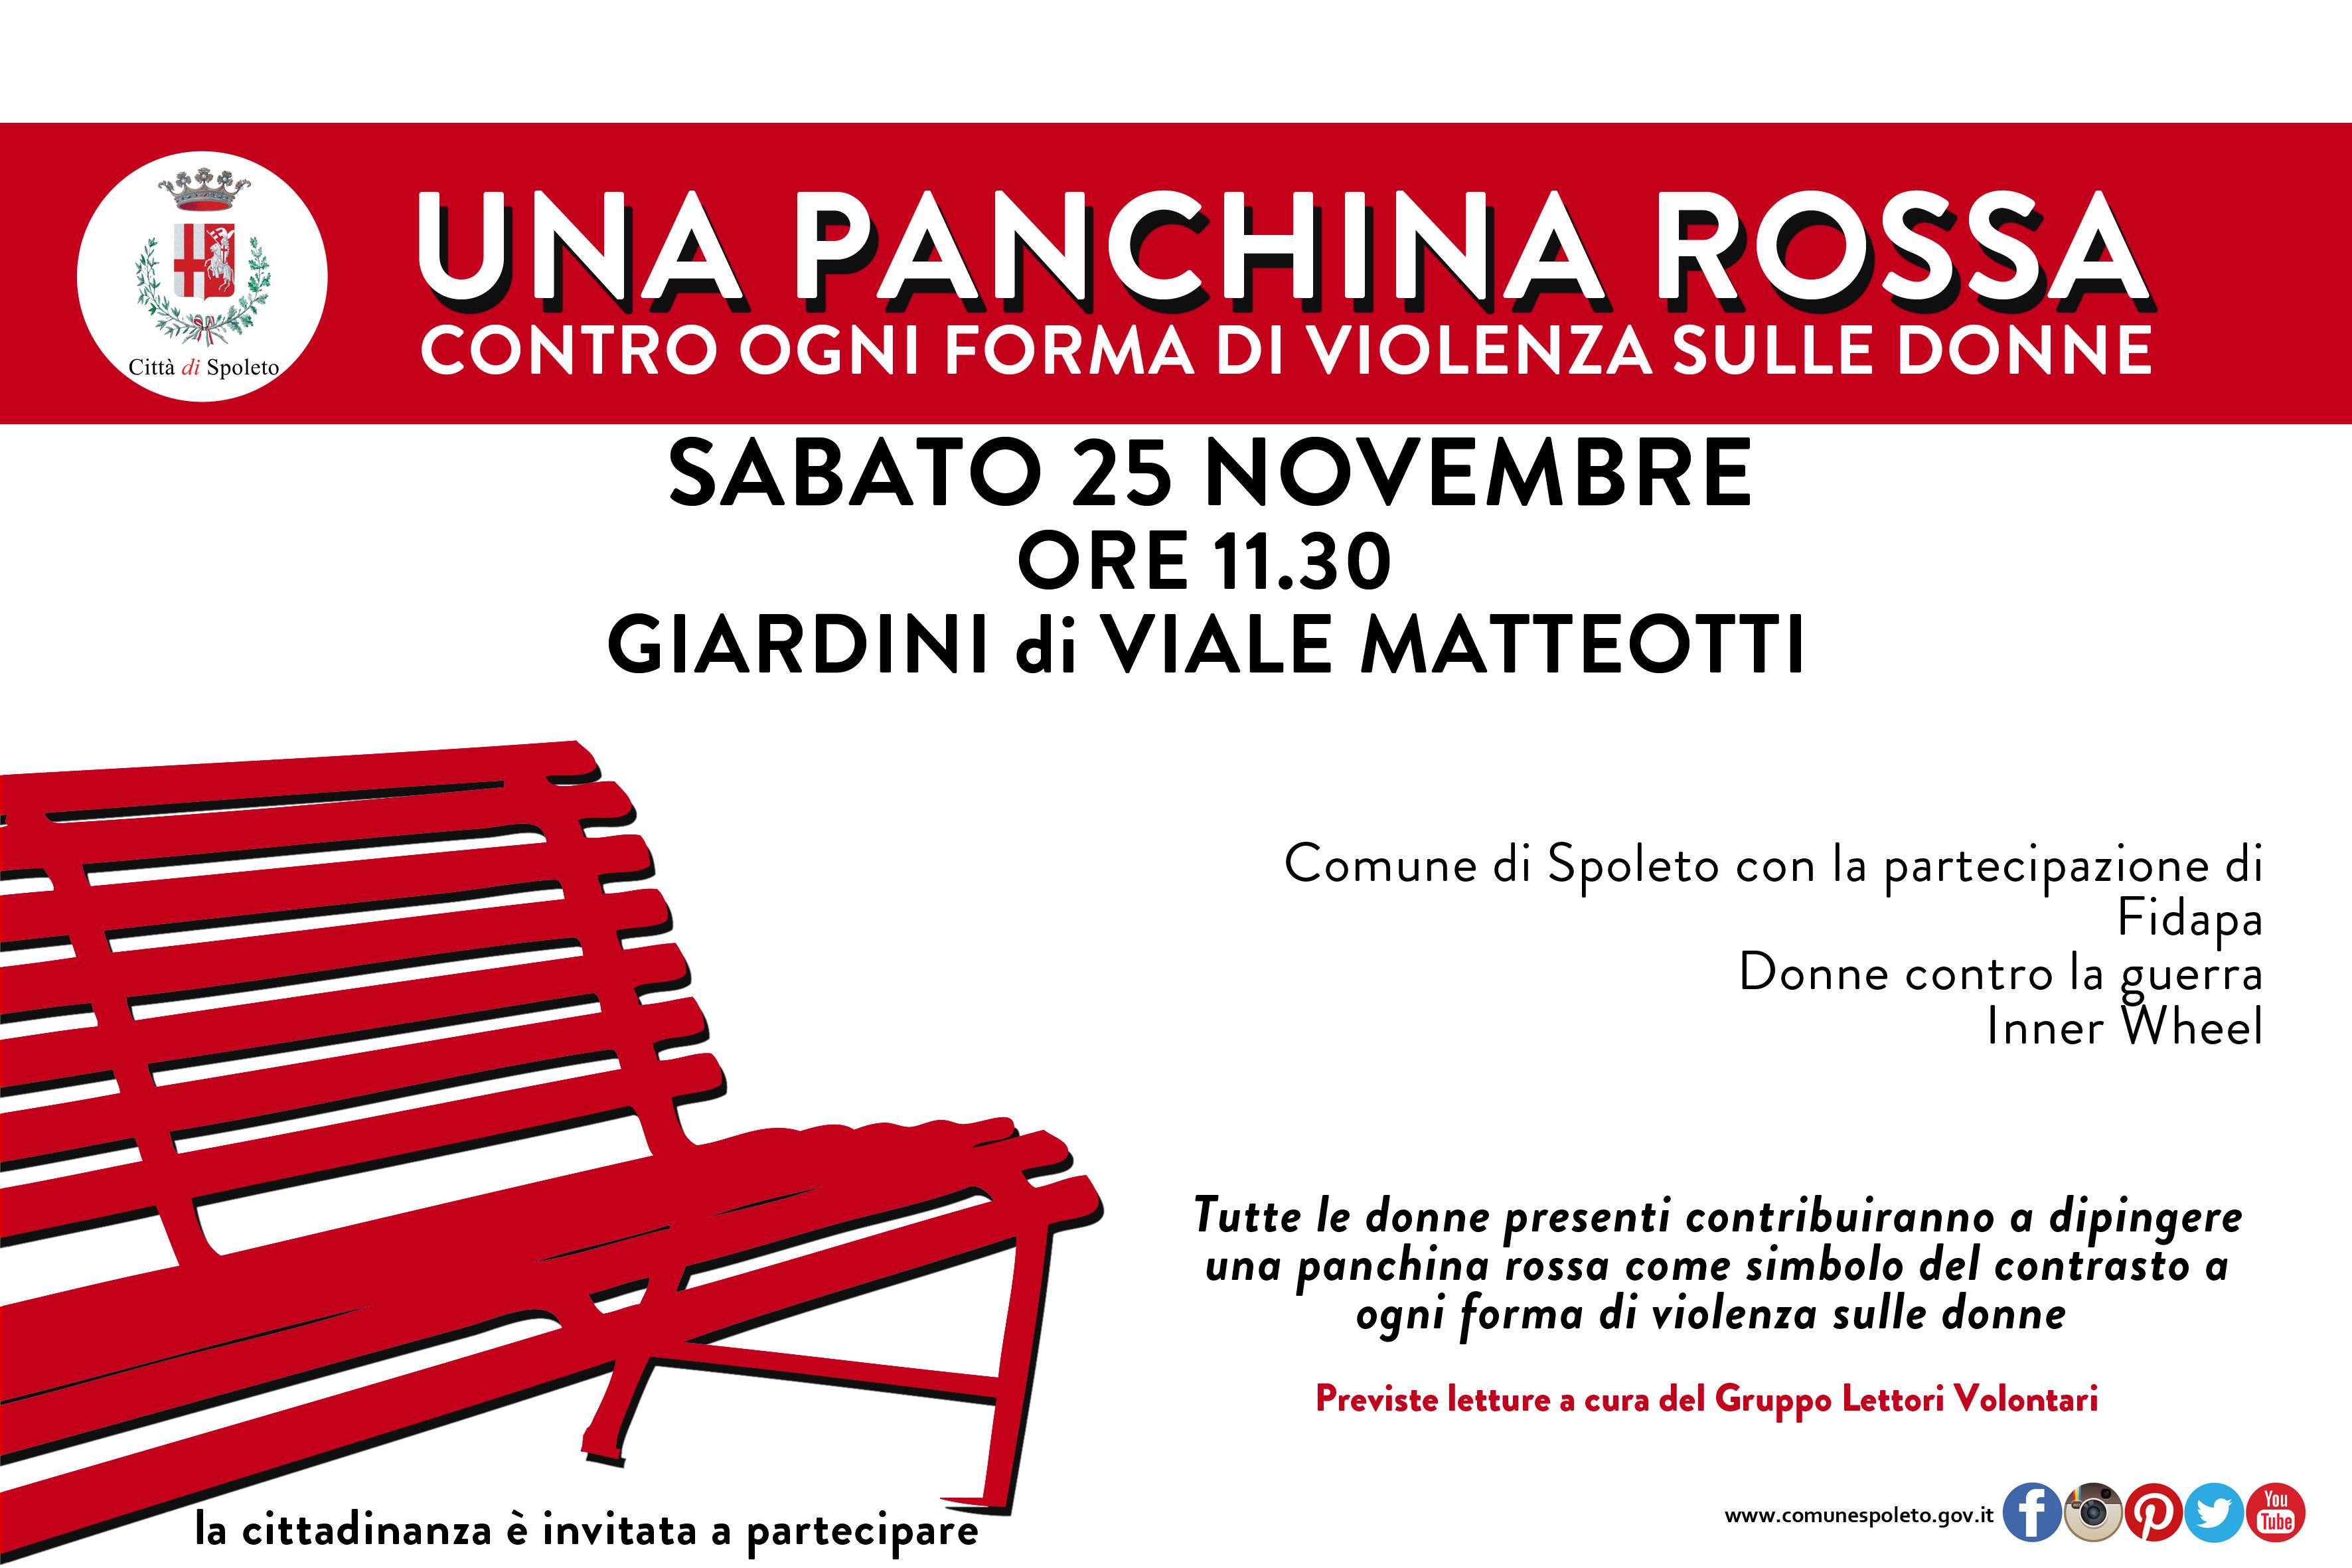 una panchina rossa contro la violenza sulle donne comune di spoleto comune di spoleto